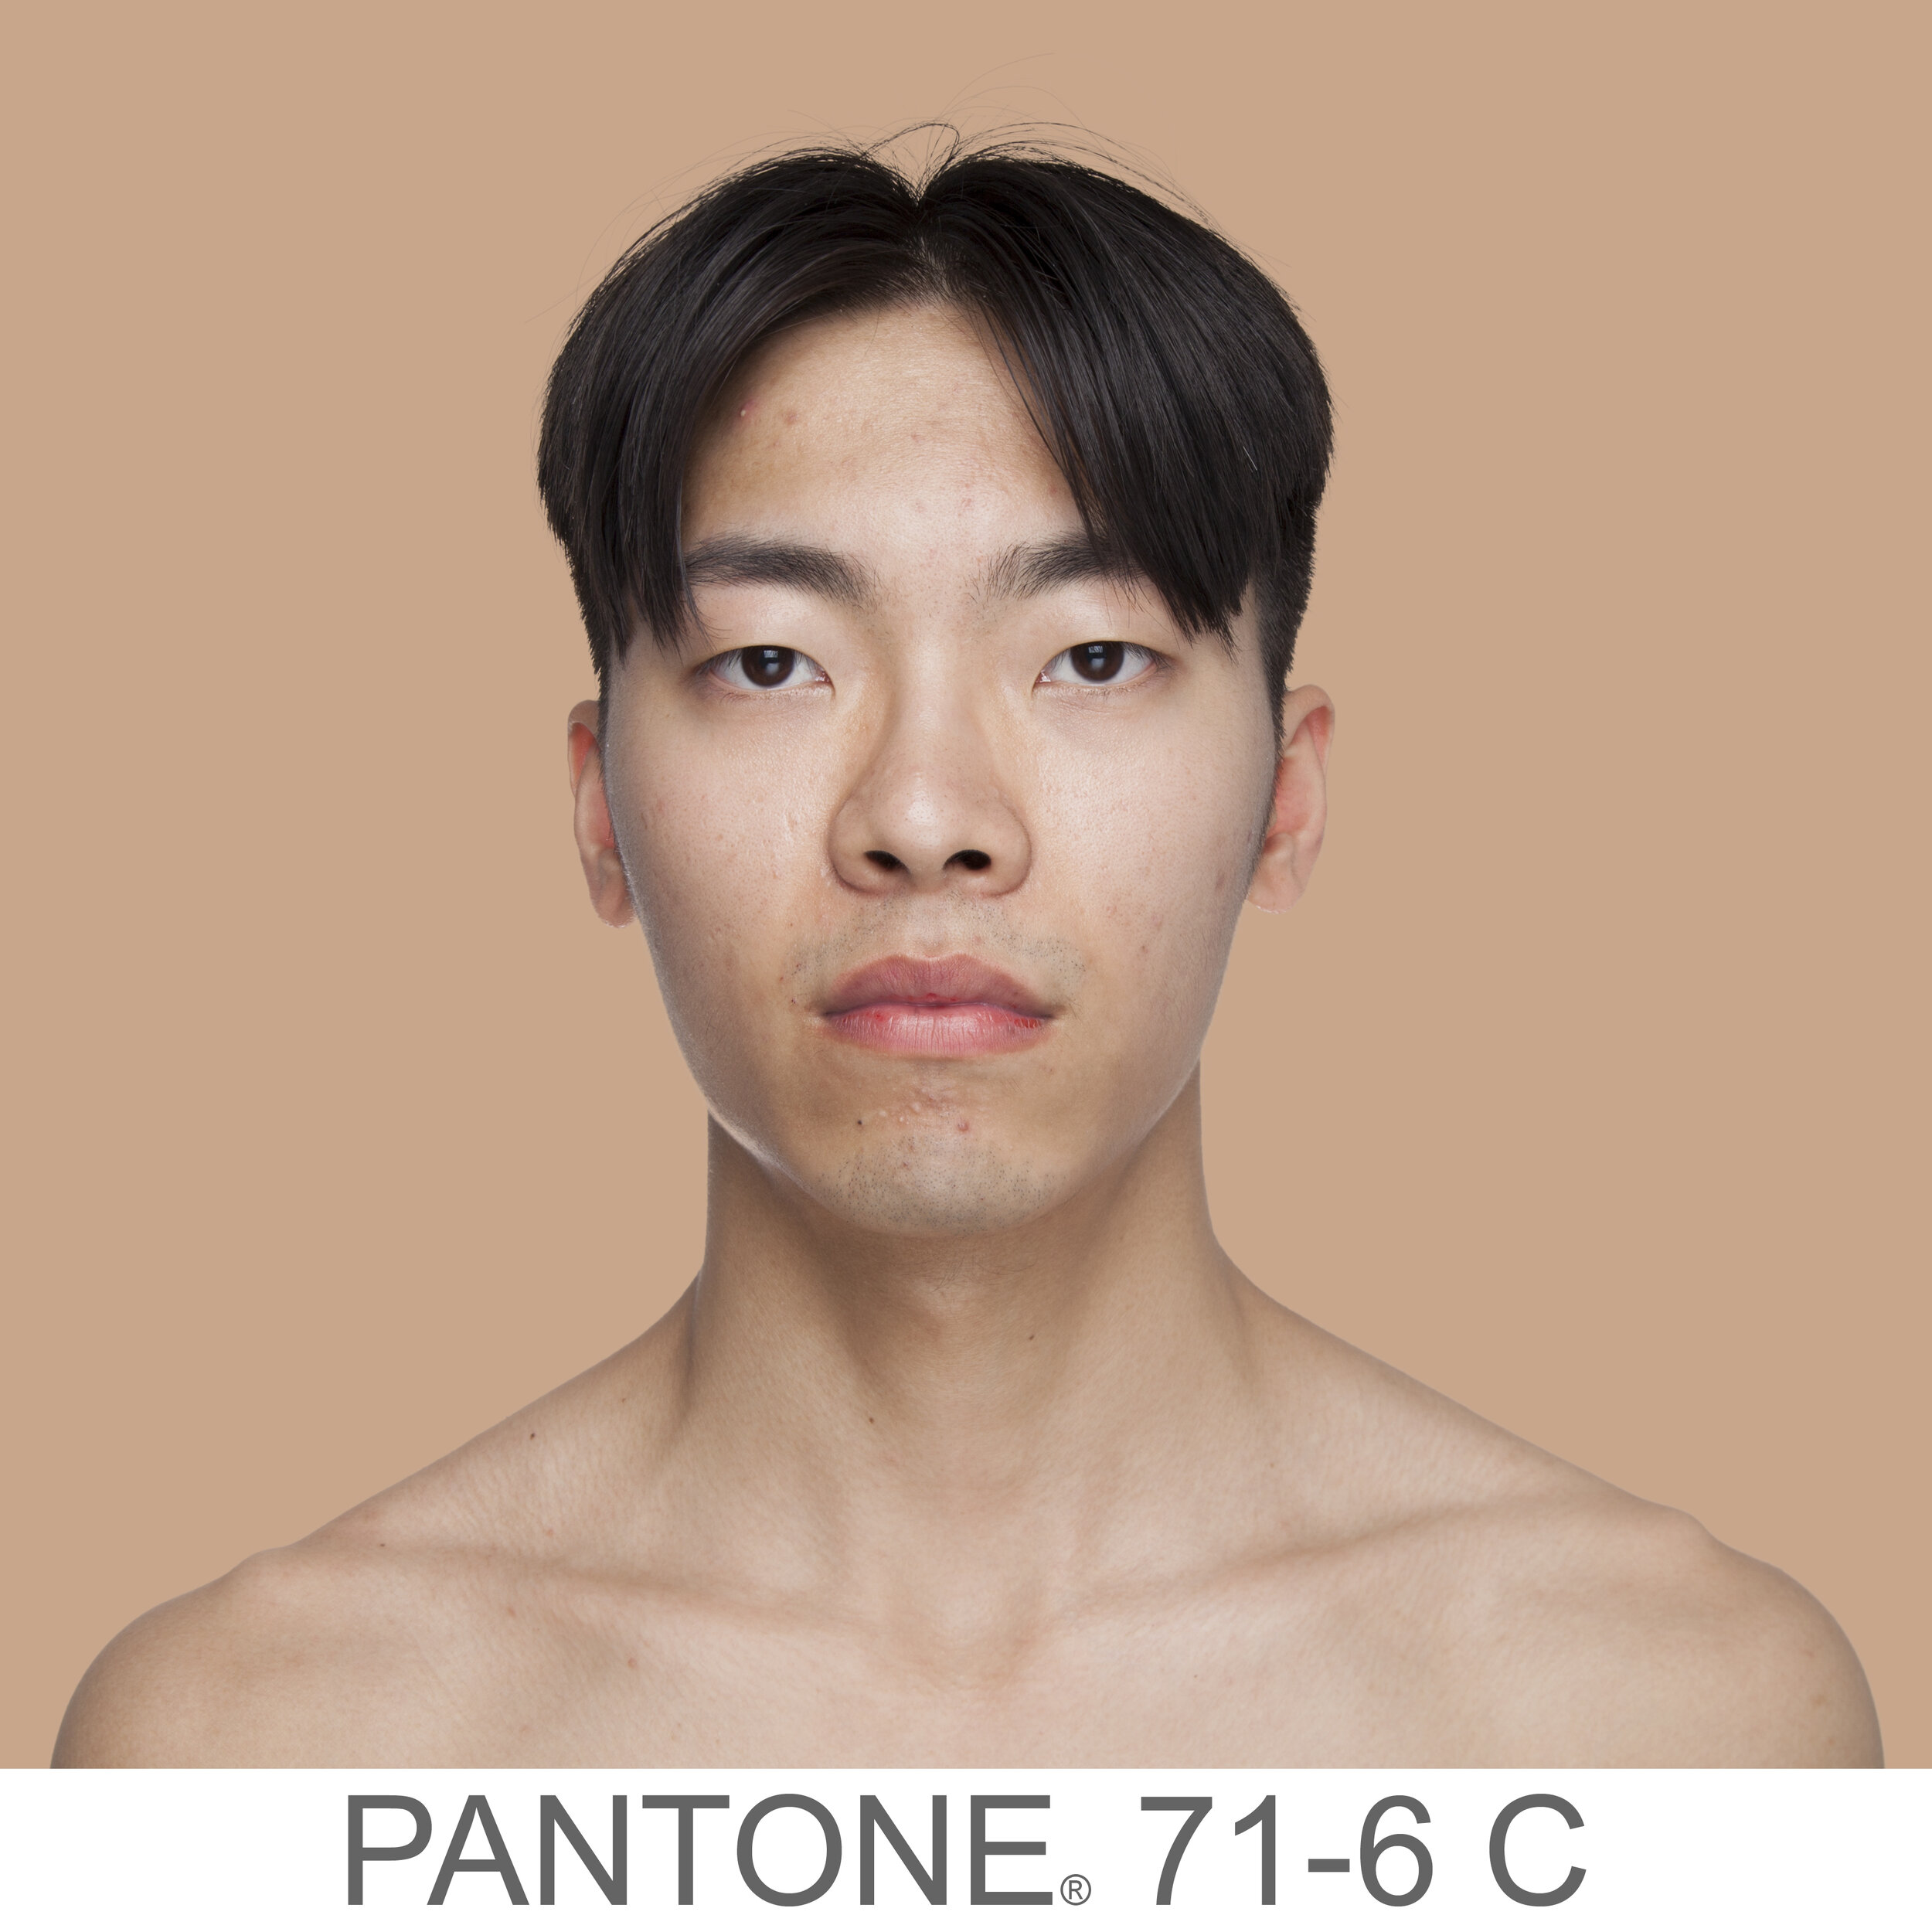 humanae 71-6 C CN copia.jpg